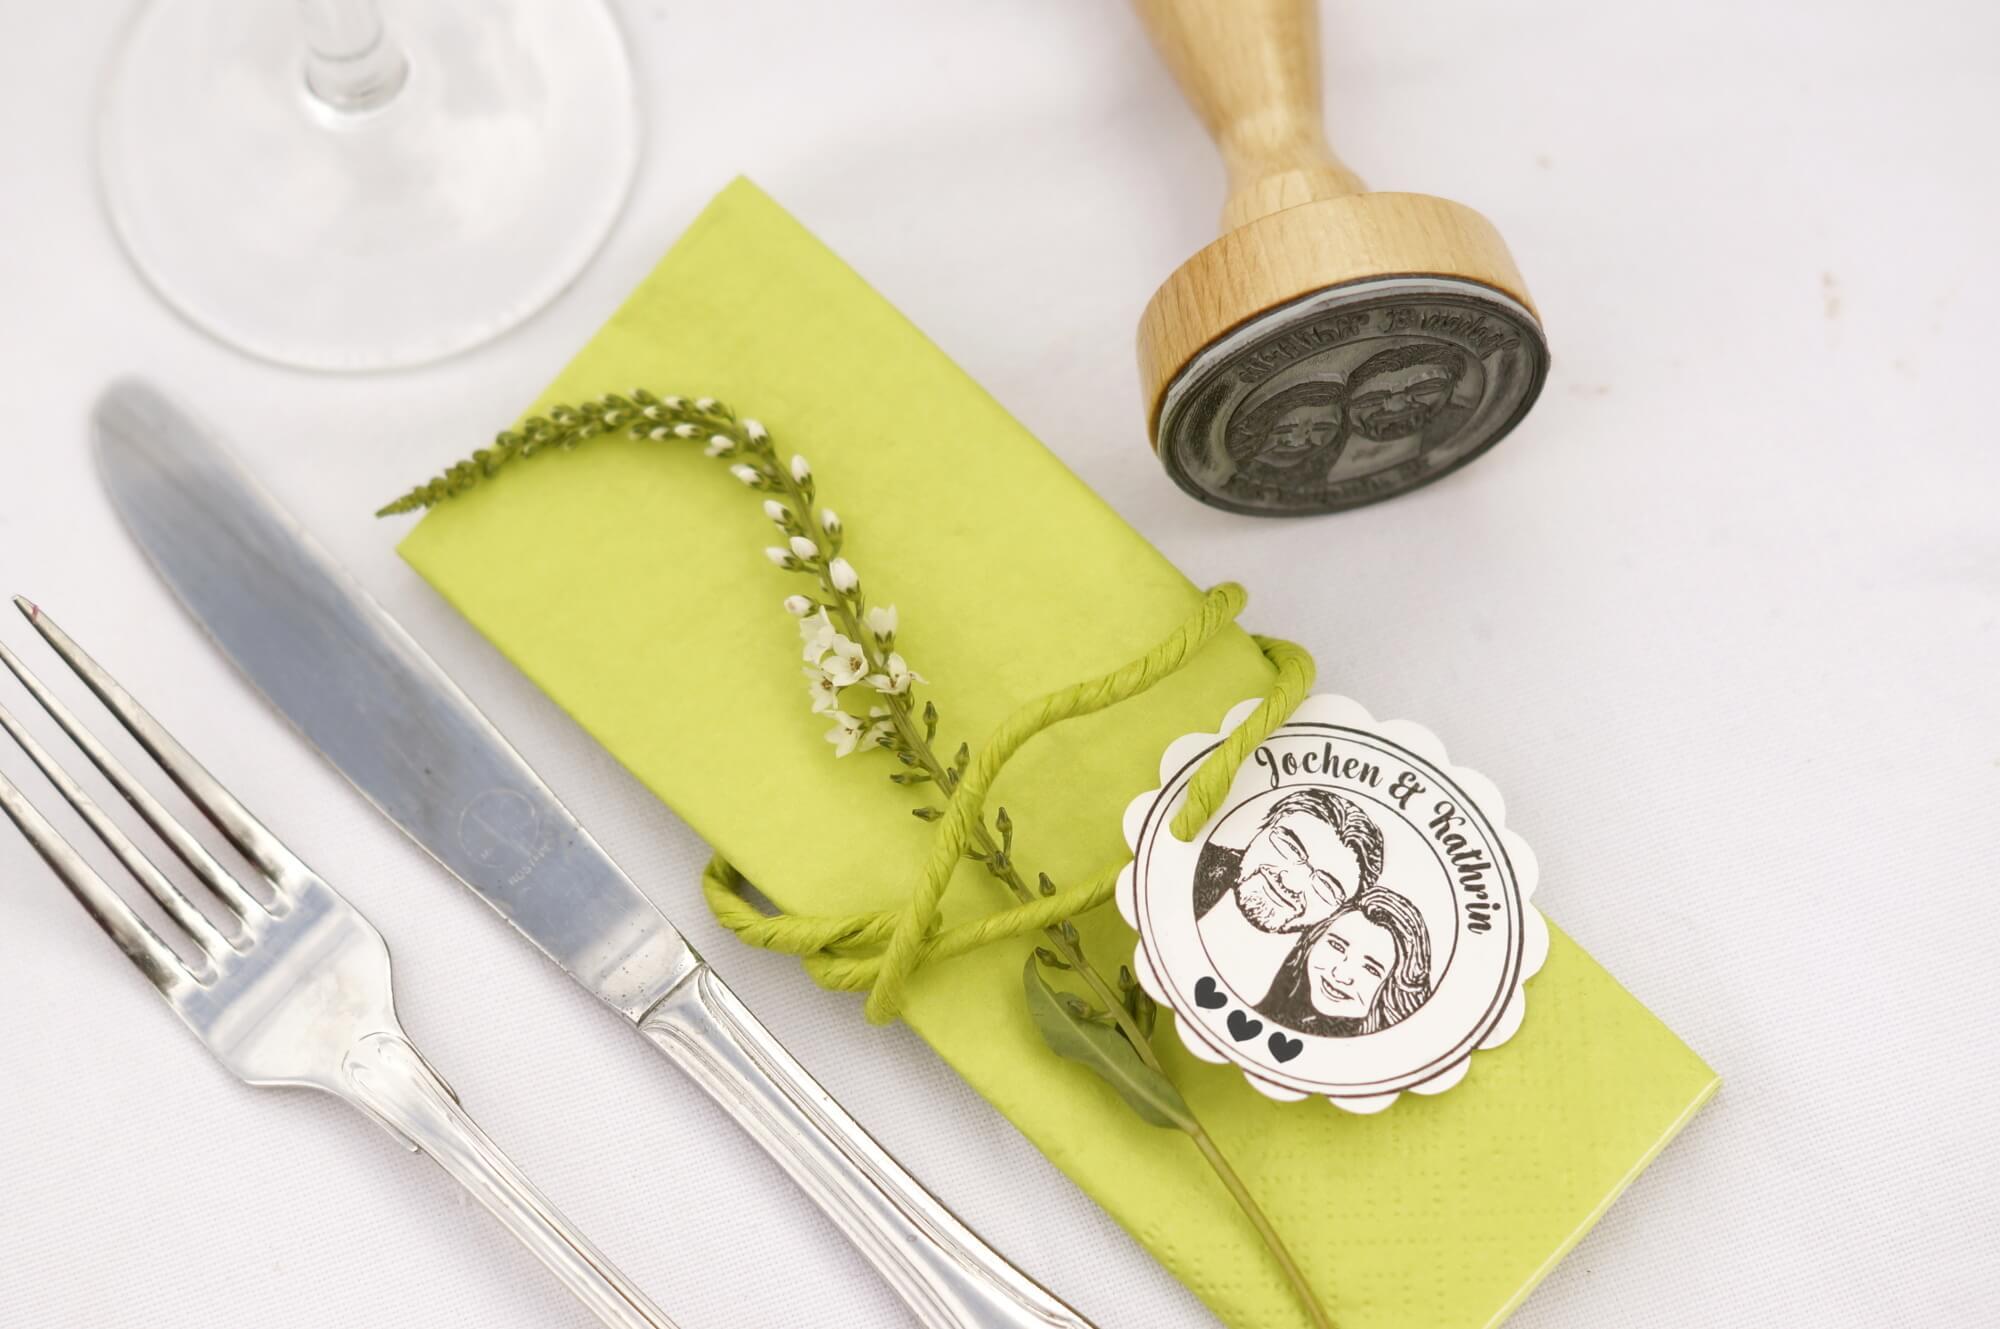 Fotostempel-Fotogruesse-Hochzeit-Tischdeko-Serviette-Besteck-Hochzeitsdeko